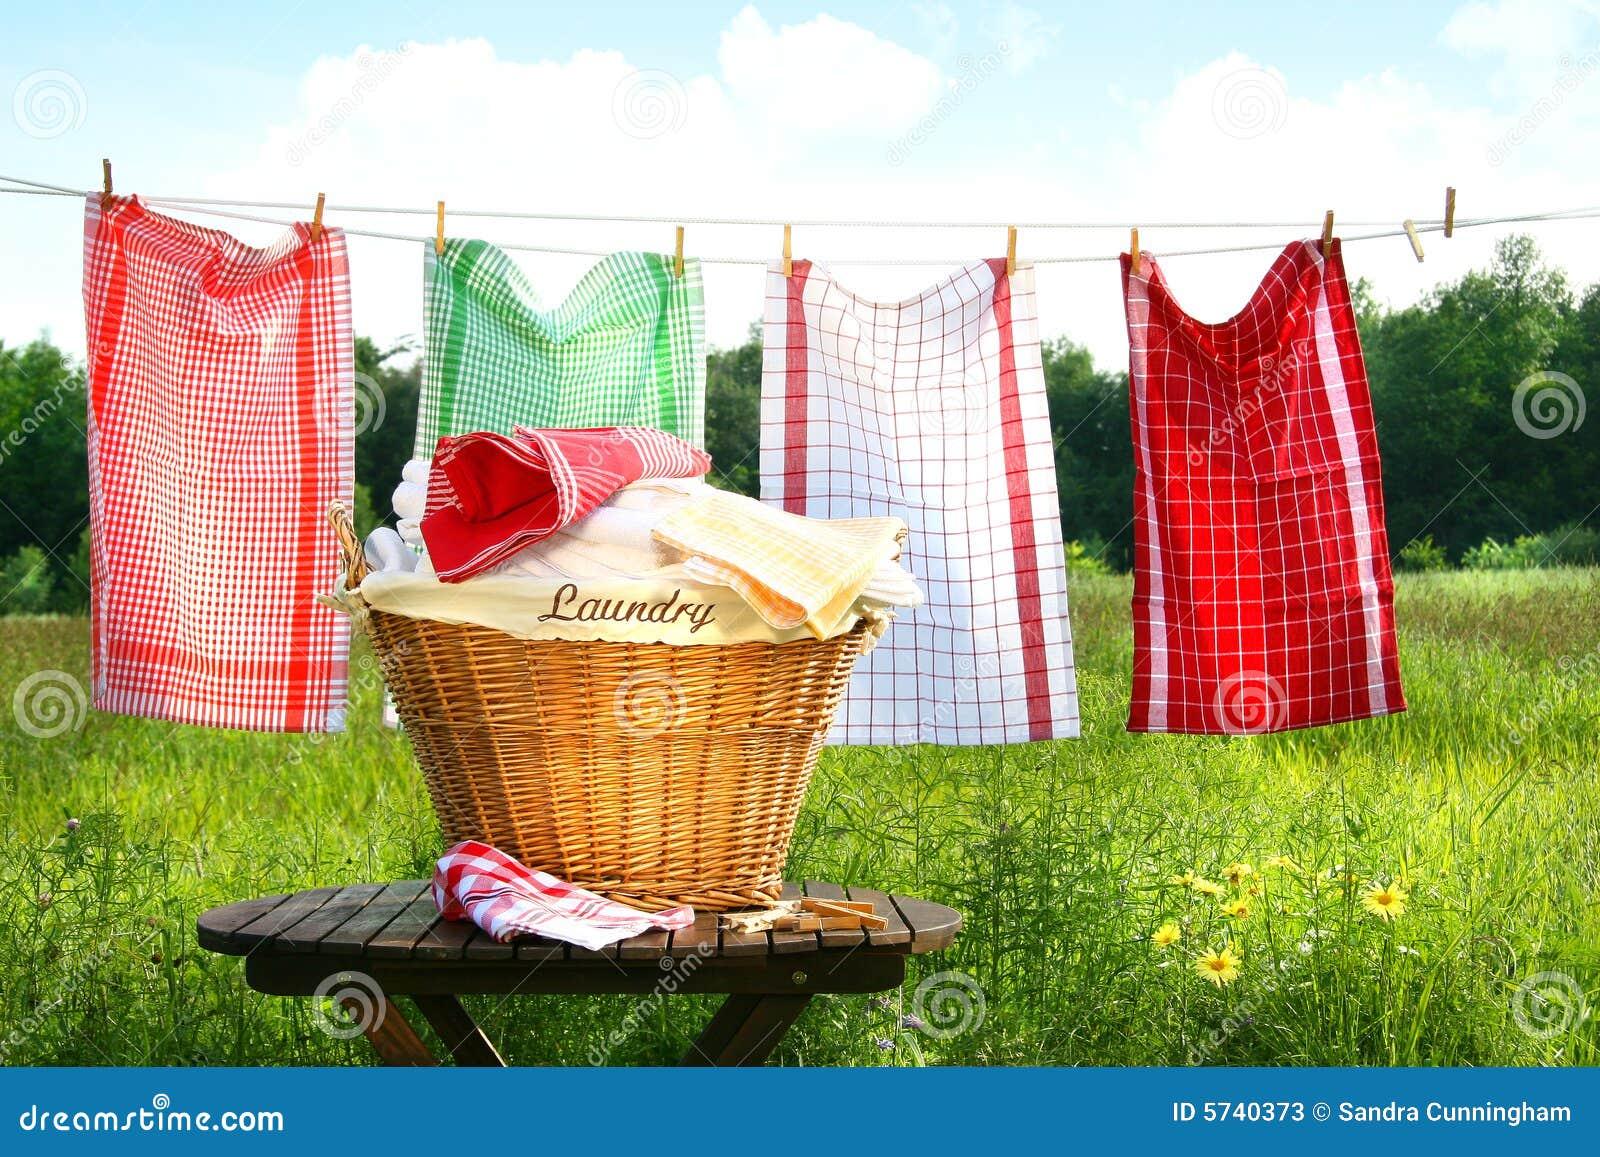 toallas que se secan en la cuerda para tender la ropa imagen de archivo imagen de fresco. Black Bedroom Furniture Sets. Home Design Ideas